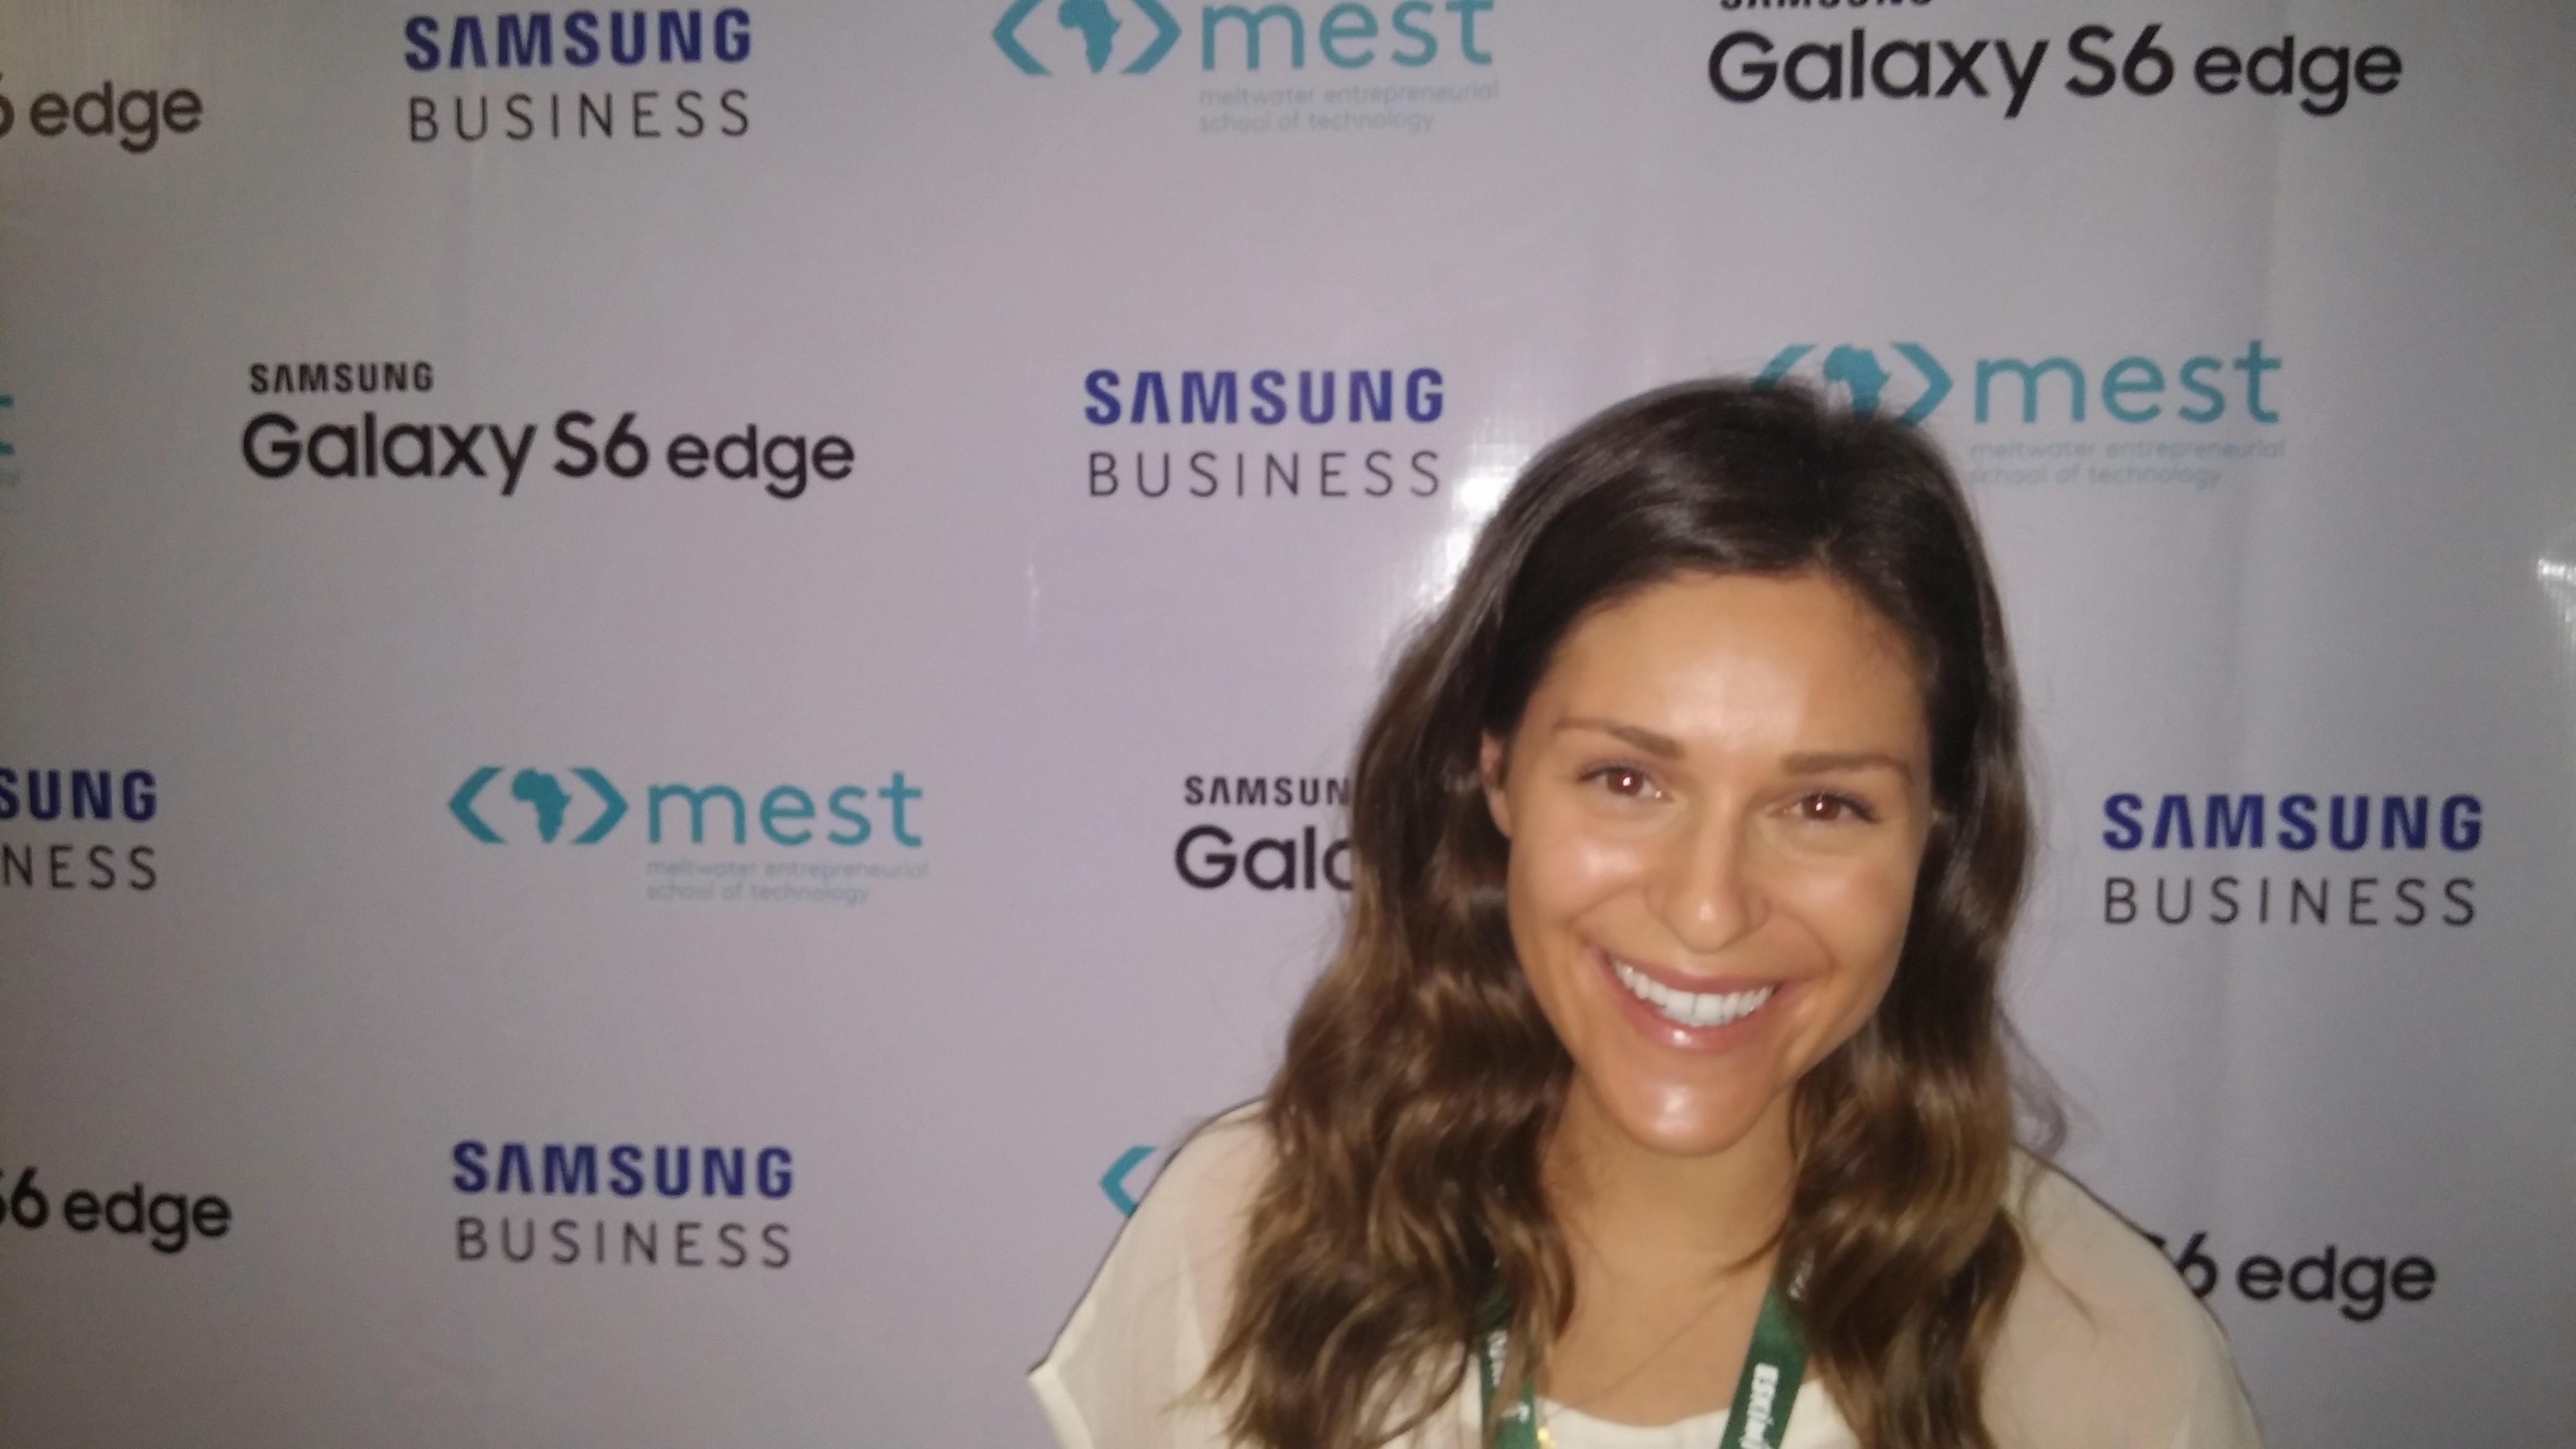 Katie Sarro, Director of Business Development, MEST